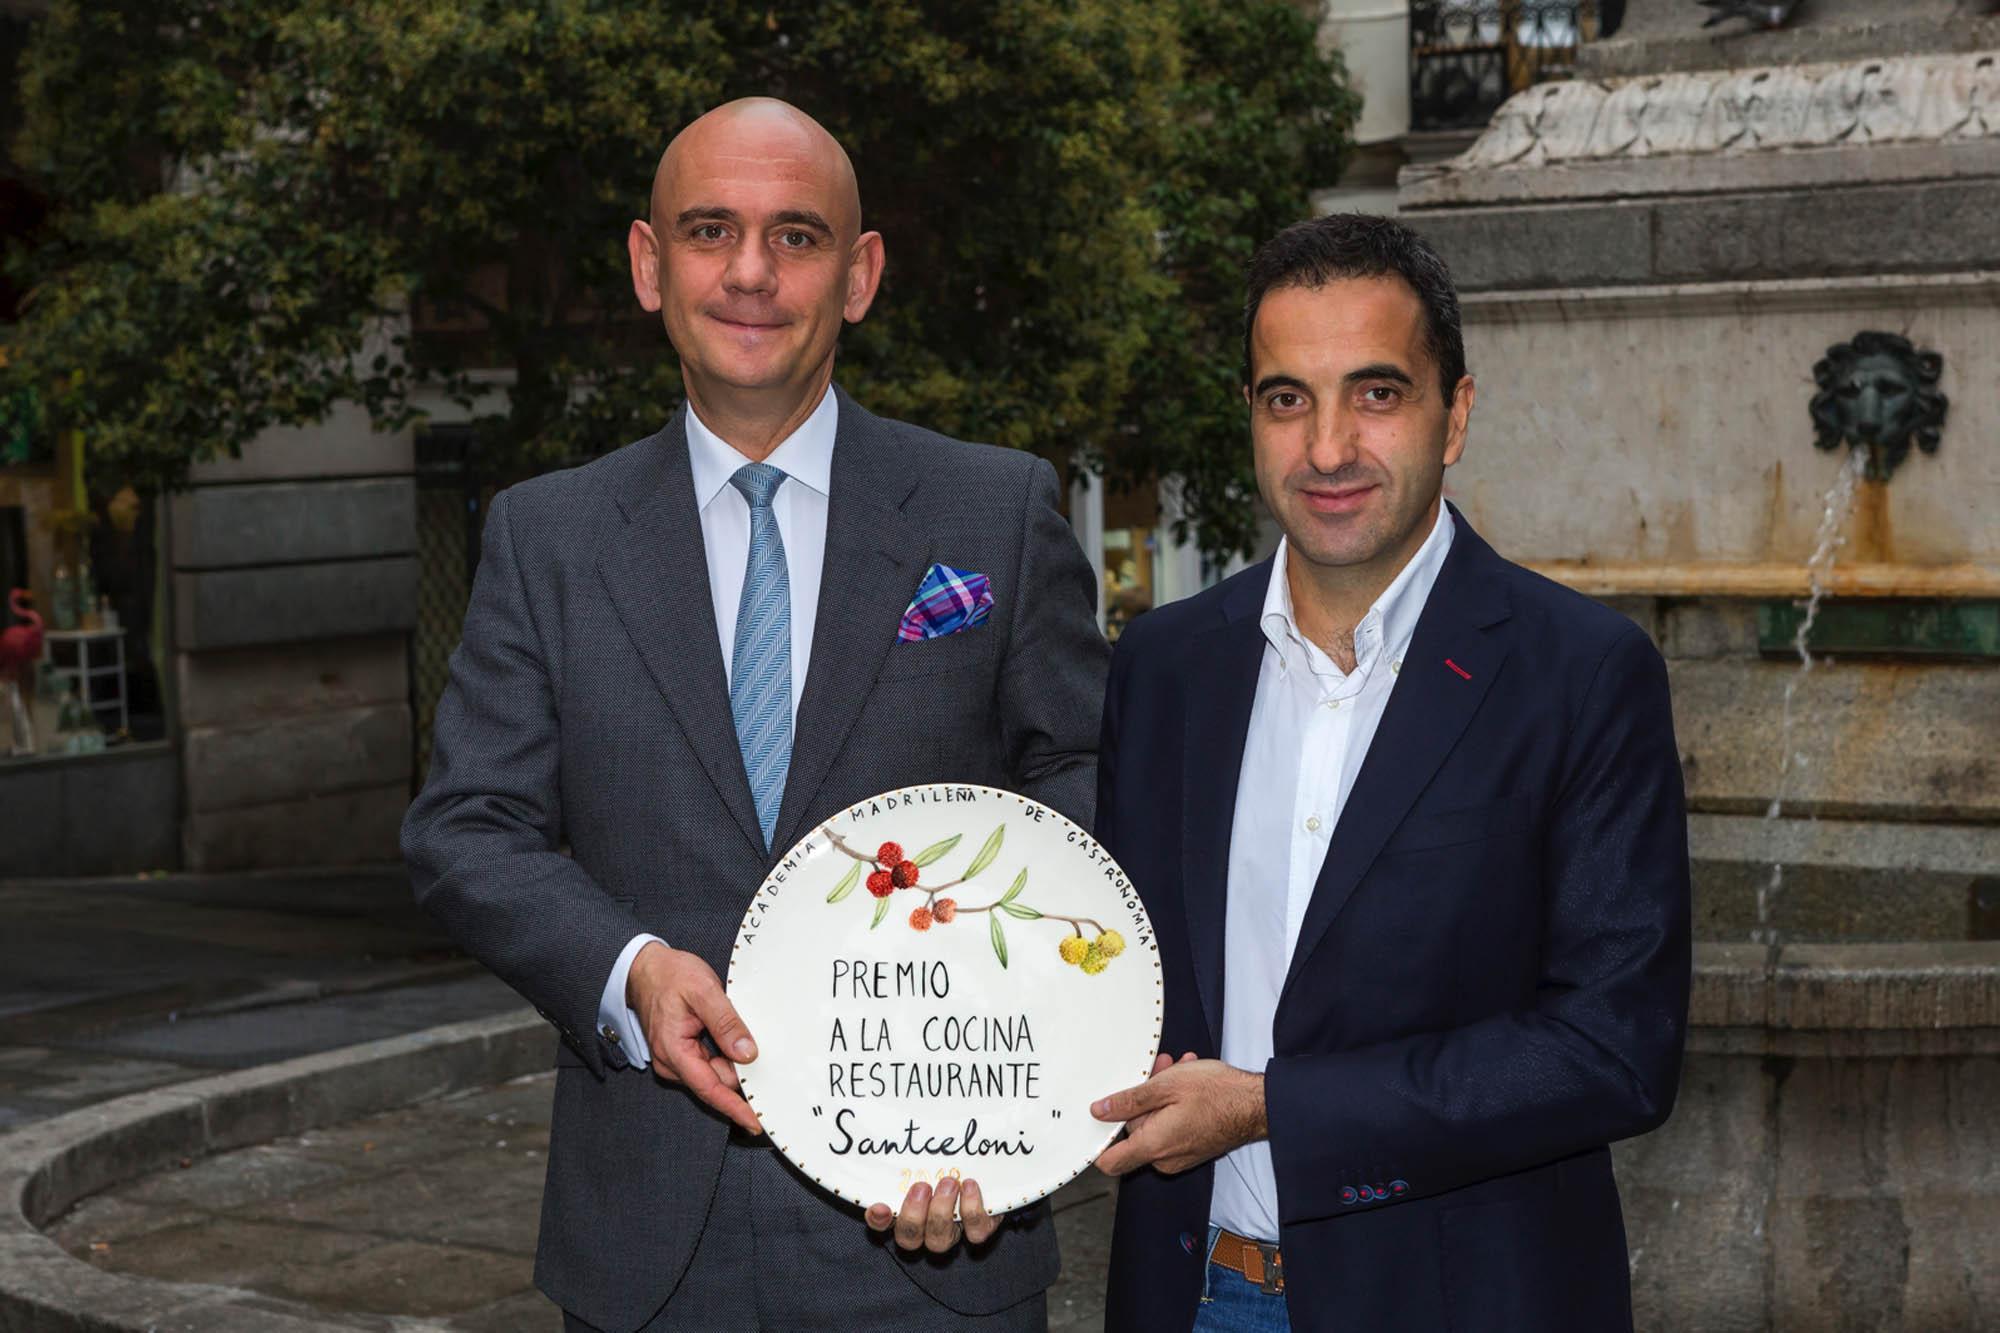 Óscar Velasco, chef de 'Santceloni' (3 Soles Repsol), se ha alzado con el Premio Restaurante 2018.